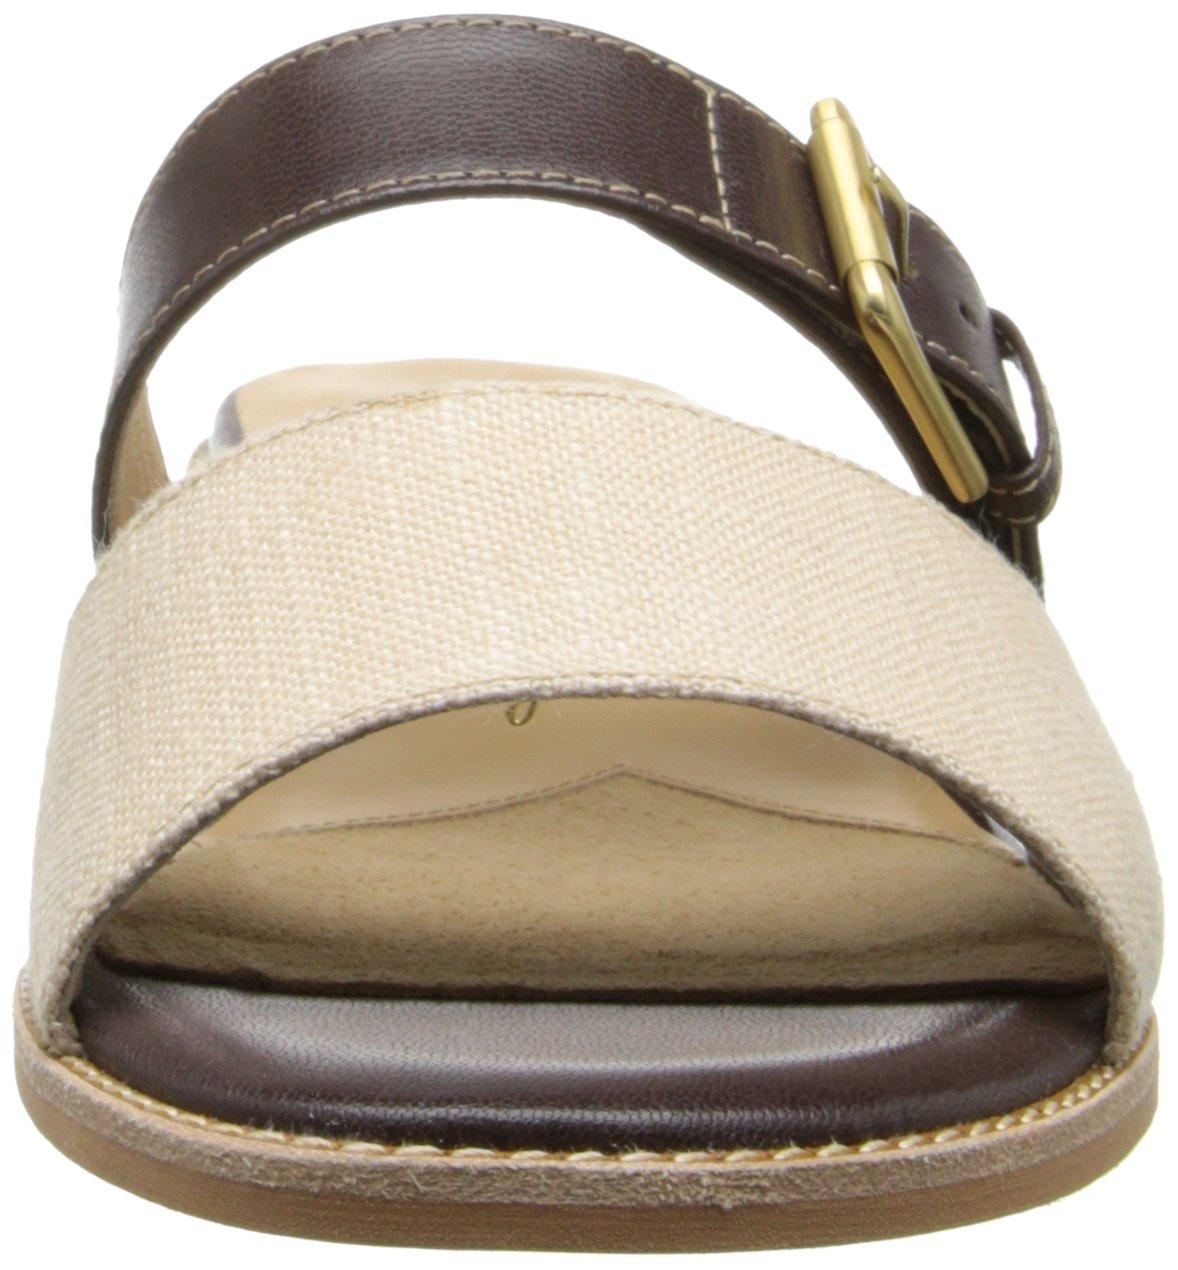 Trotters Women's Billy Dress Sandal B00M15MR76 6 W US|Dark Brown/Natural